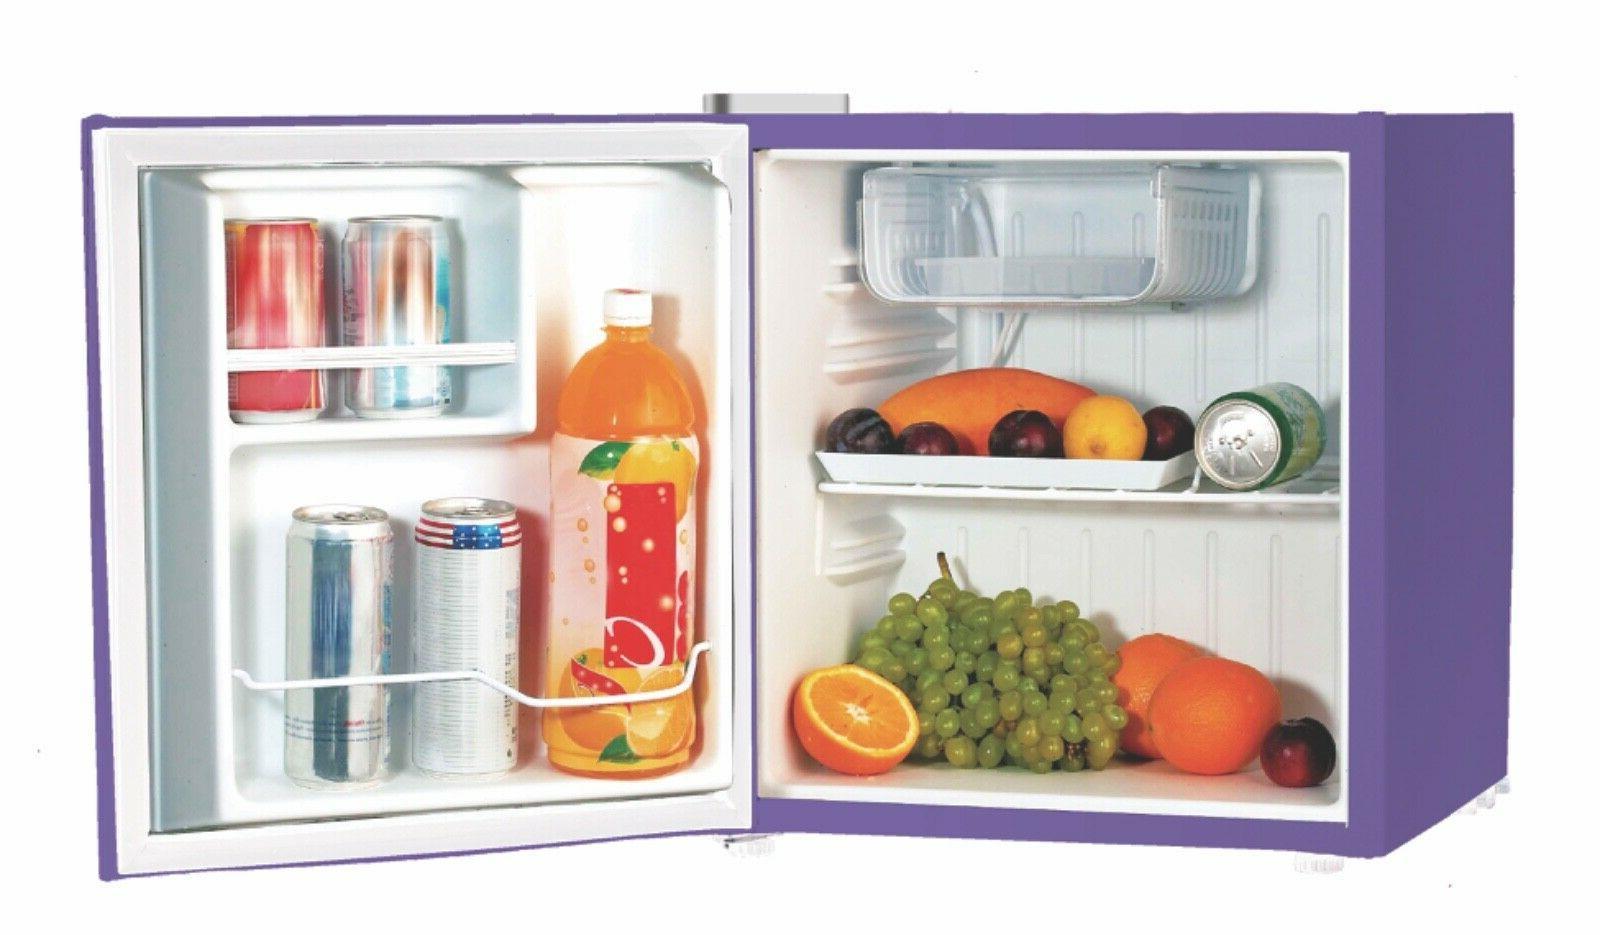 Mini Small Dorm 4 Refrigerator